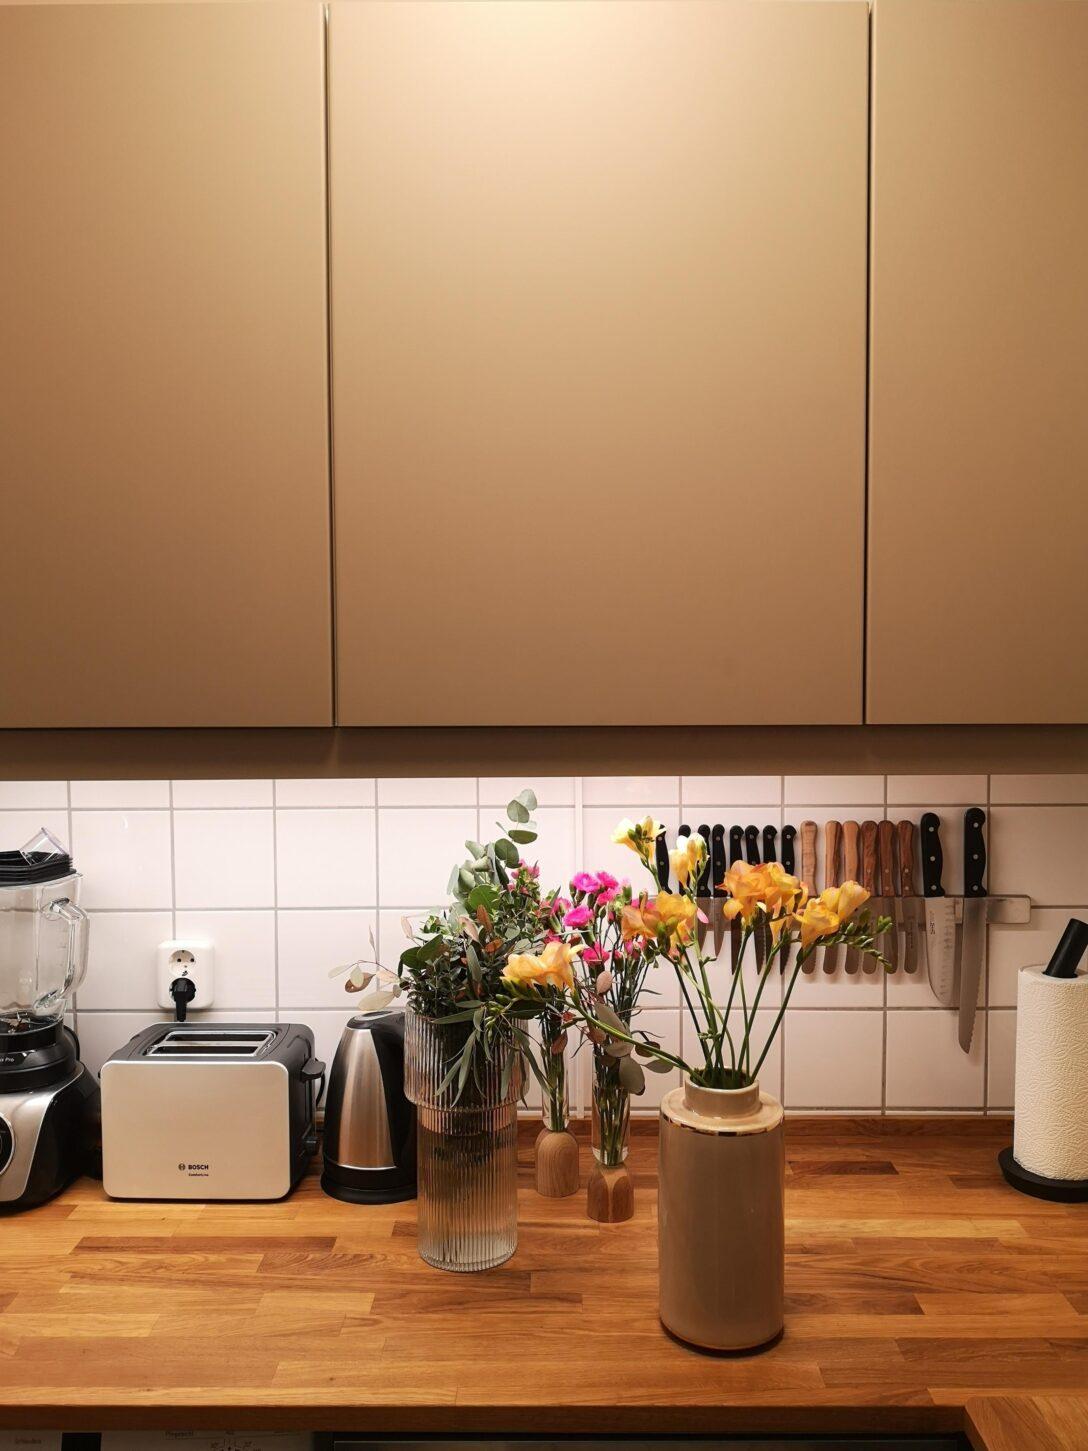 Large Size of Miniküche Ideen Minikche Bilder Couch Mit Kühlschrank Ikea Bad Renovieren Stengel Wohnzimmer Tapeten Wohnzimmer Miniküche Ideen